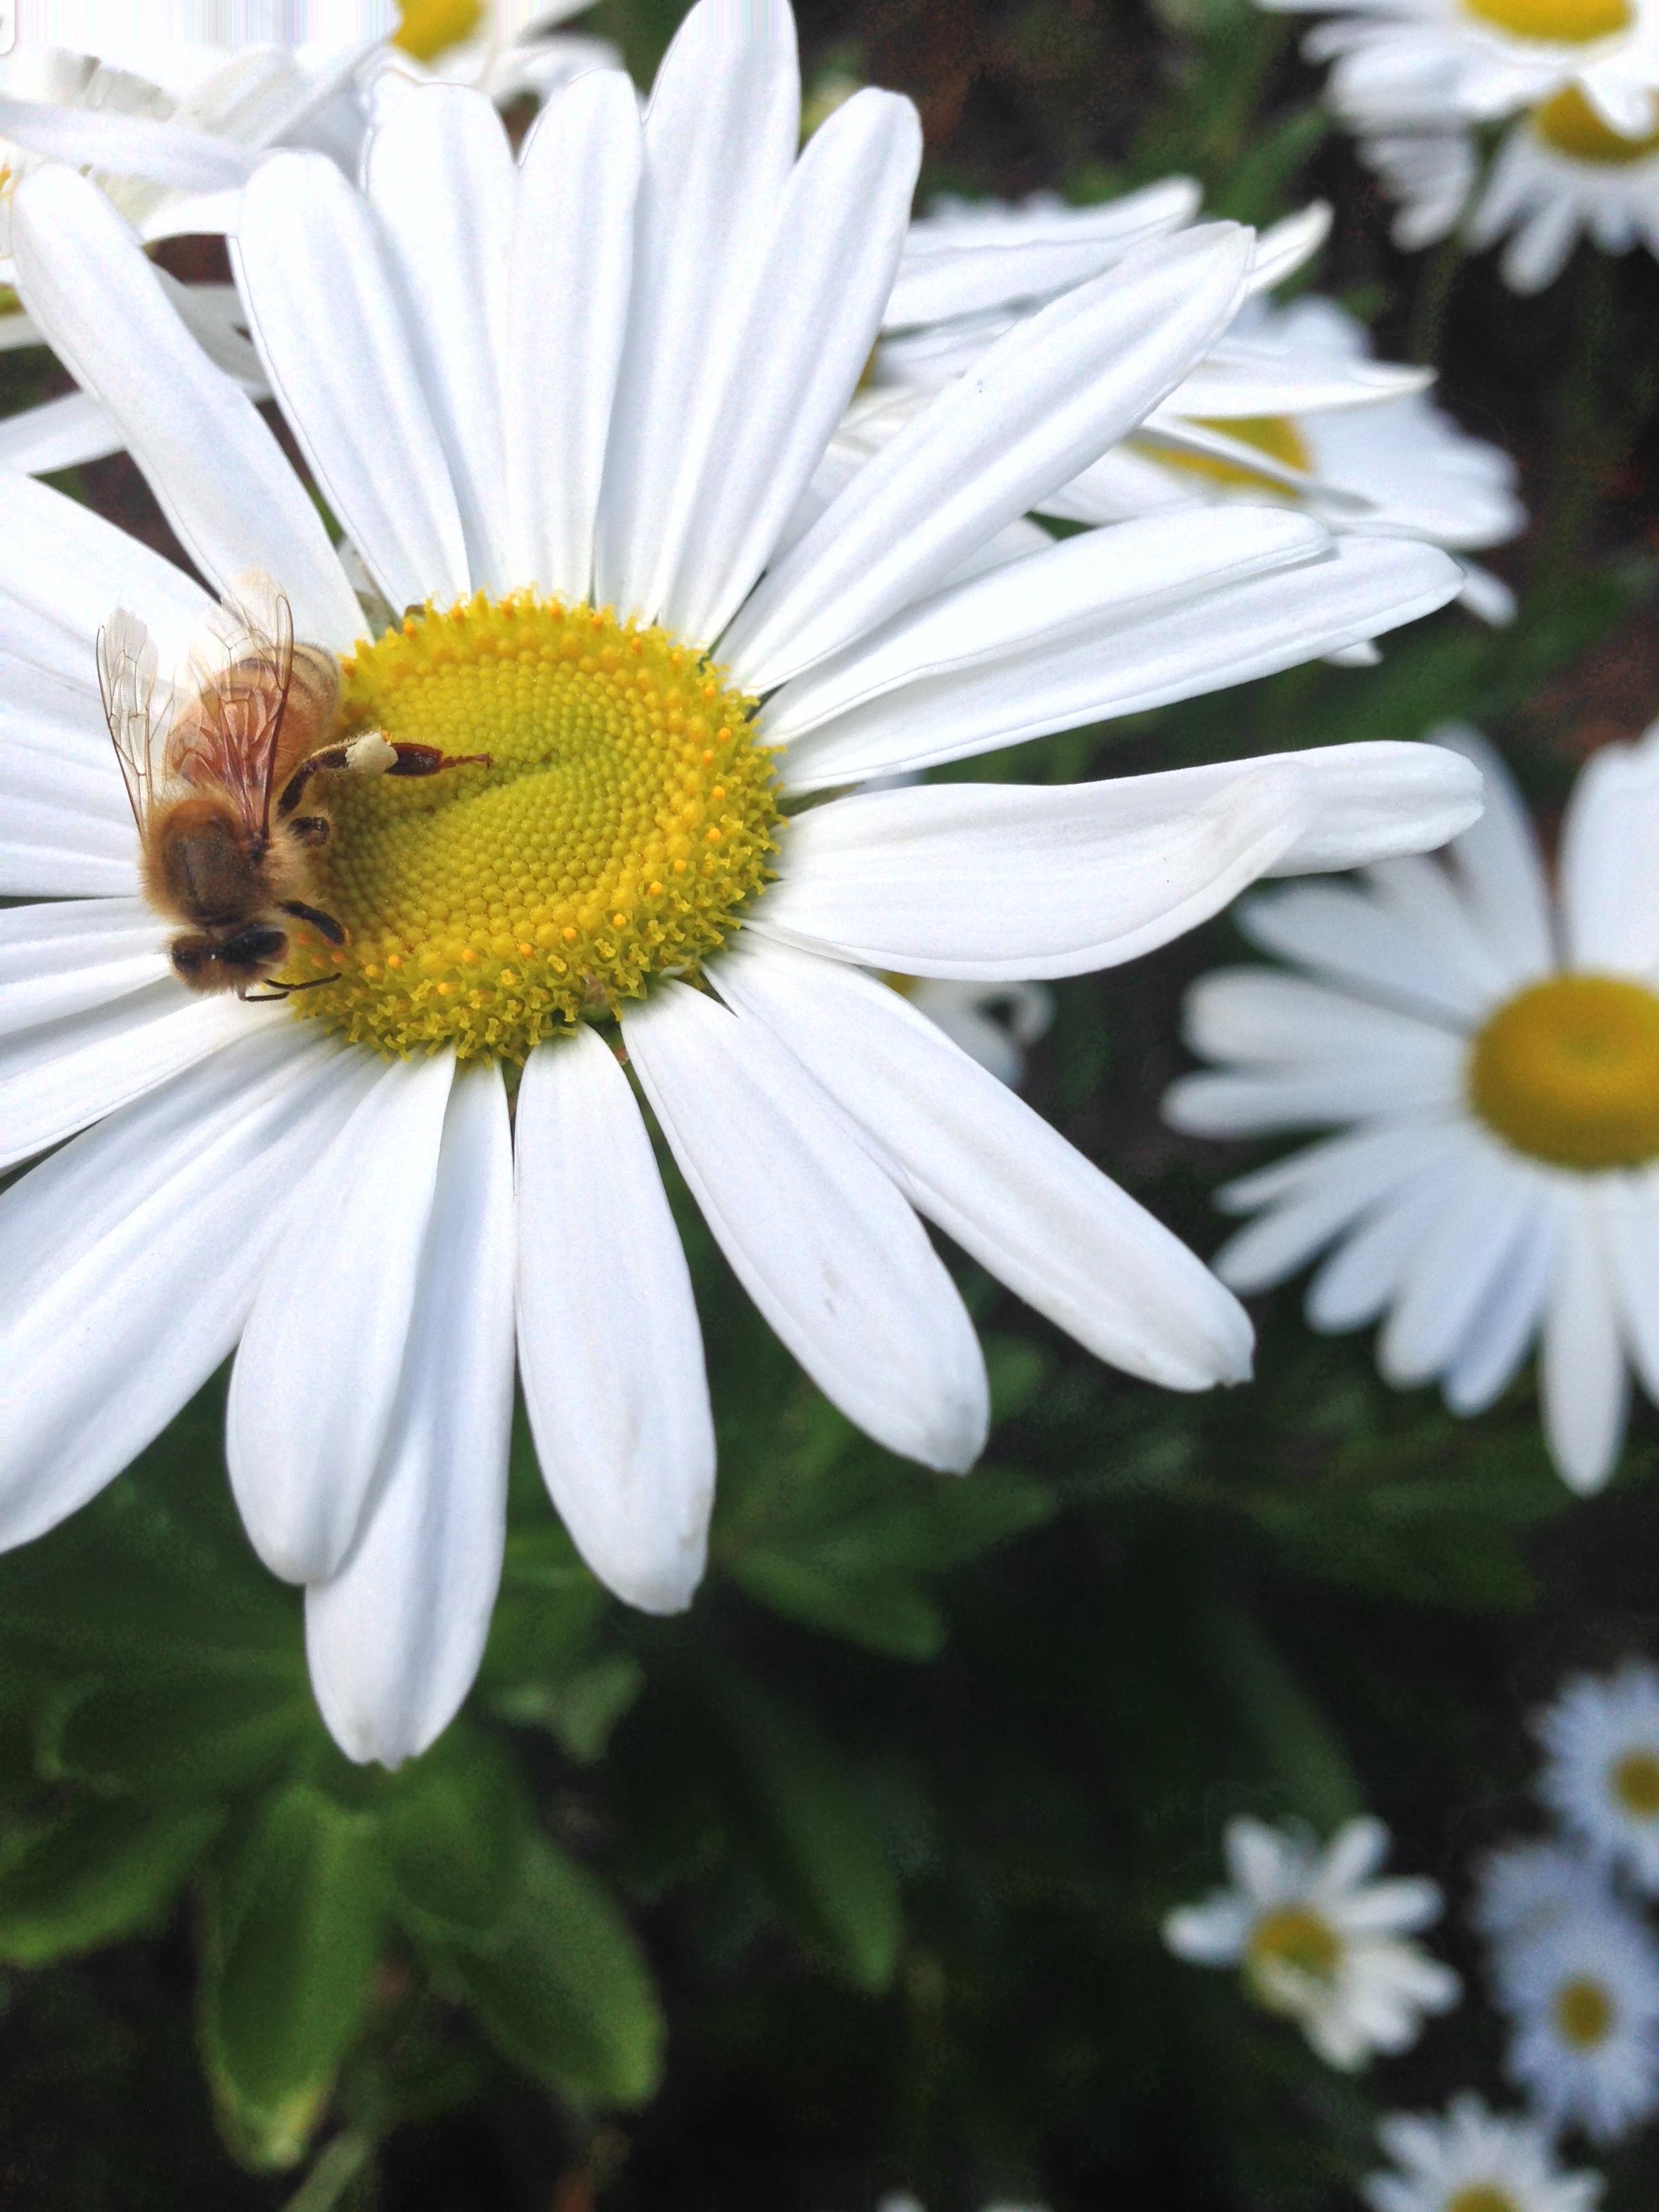 Clematis Paniculata Propagation Clematis Paniculata or Autumn